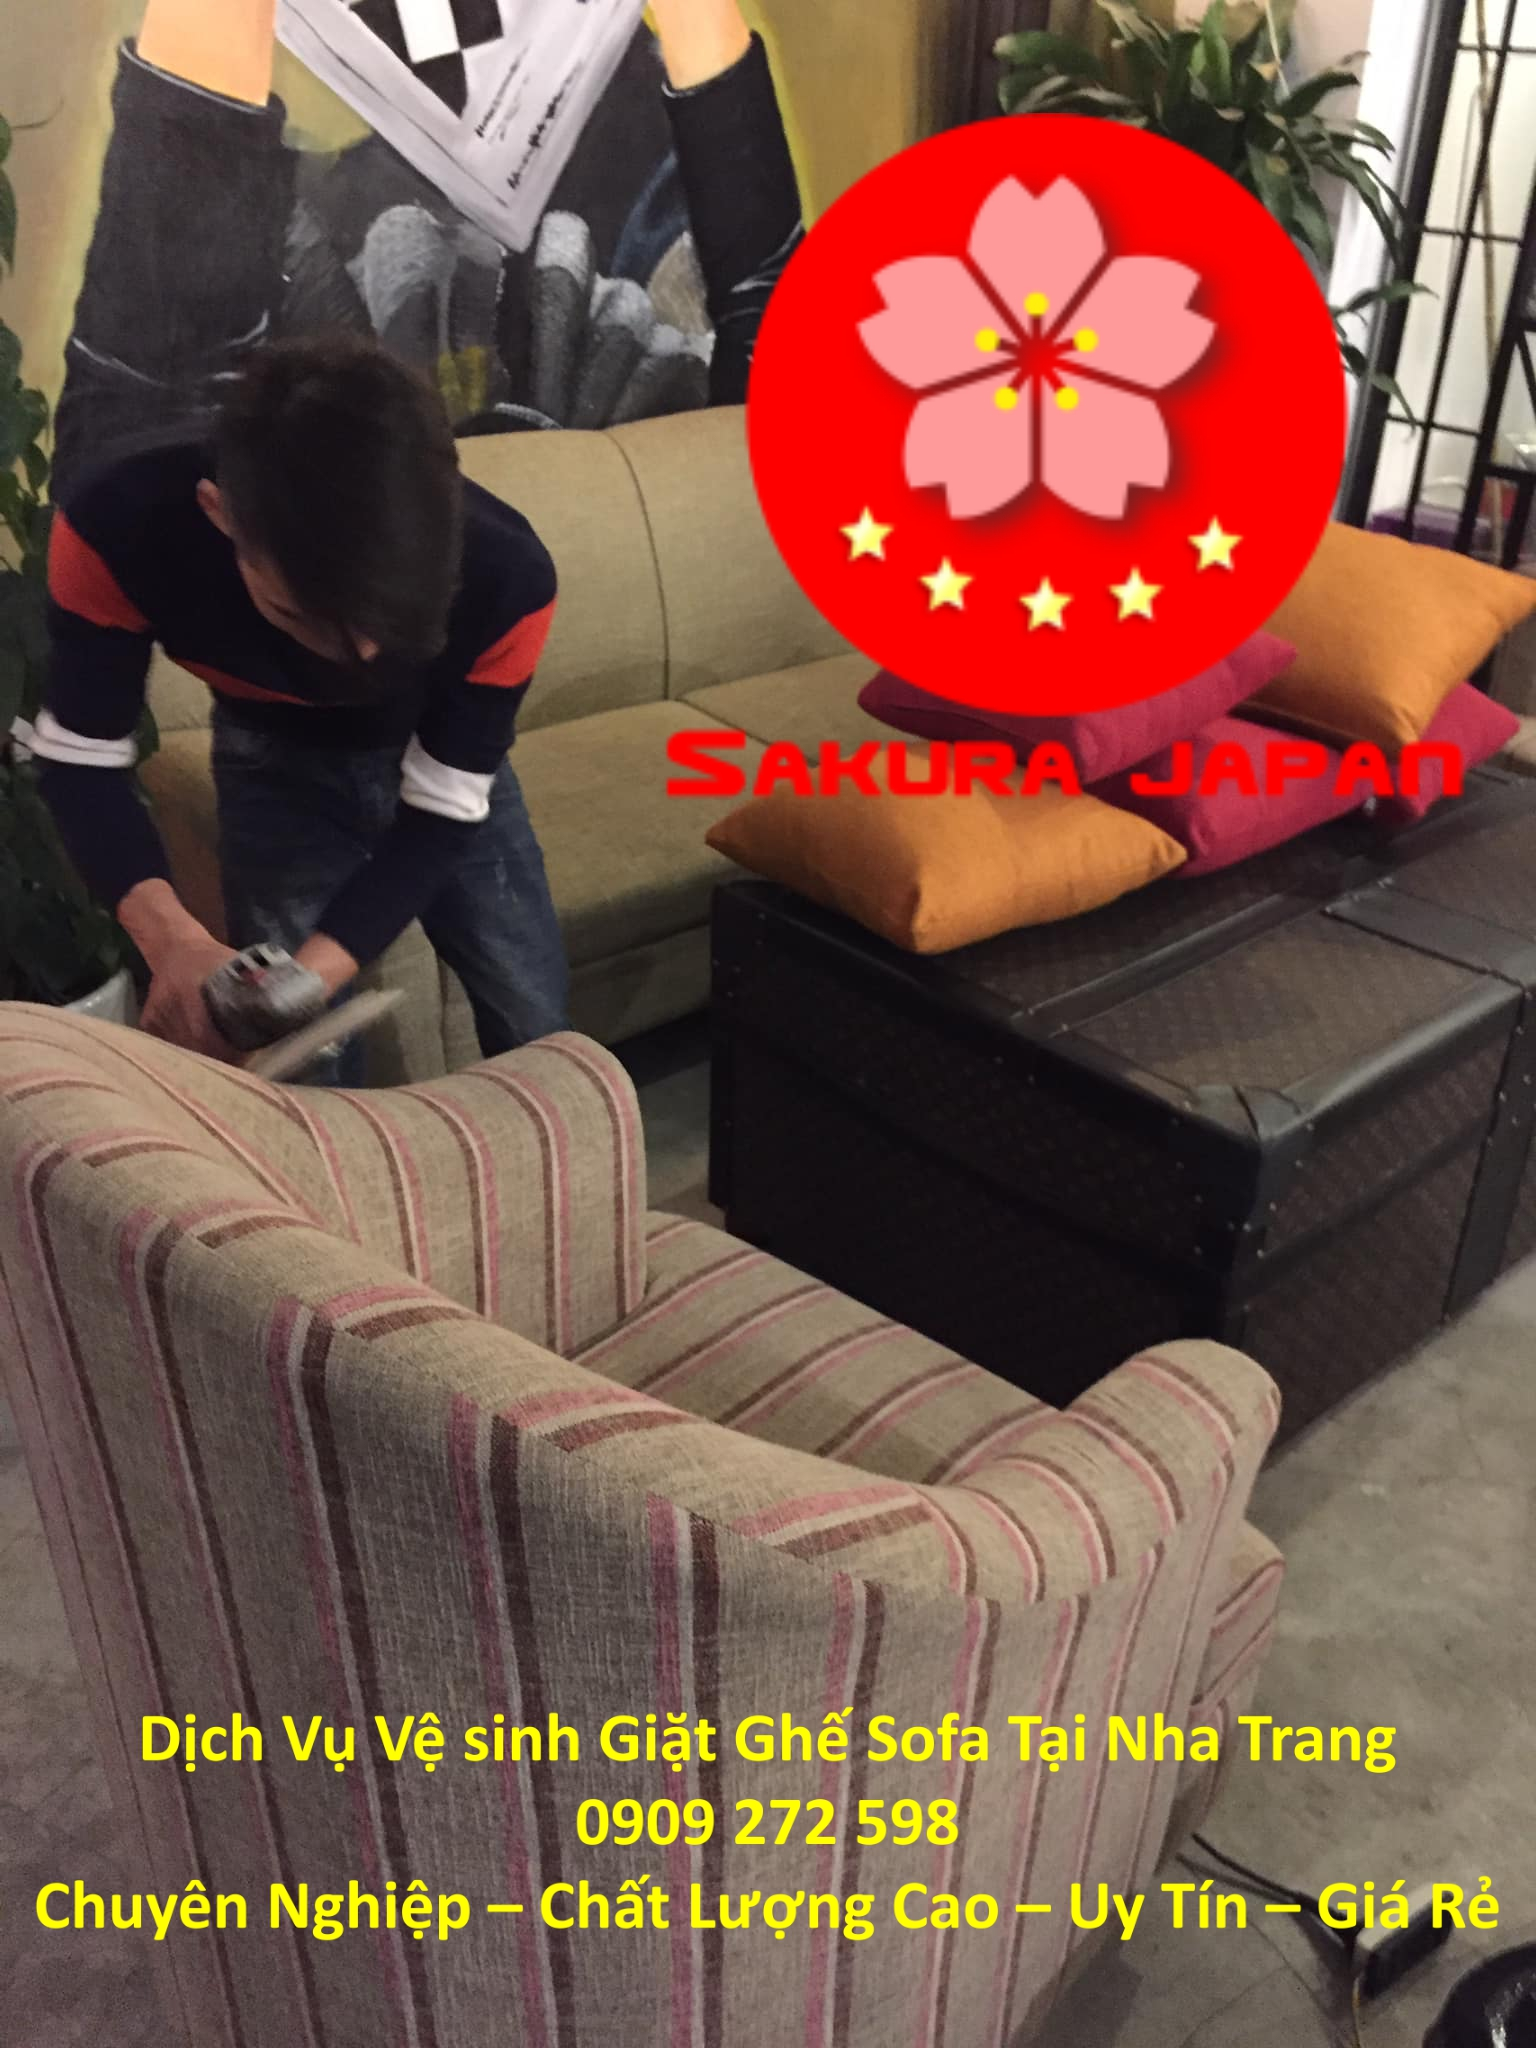 Dịch Vụ Vệ sinh Giặt Ghế Sofa Tại Nha Trang Giá Rẻ Nhất